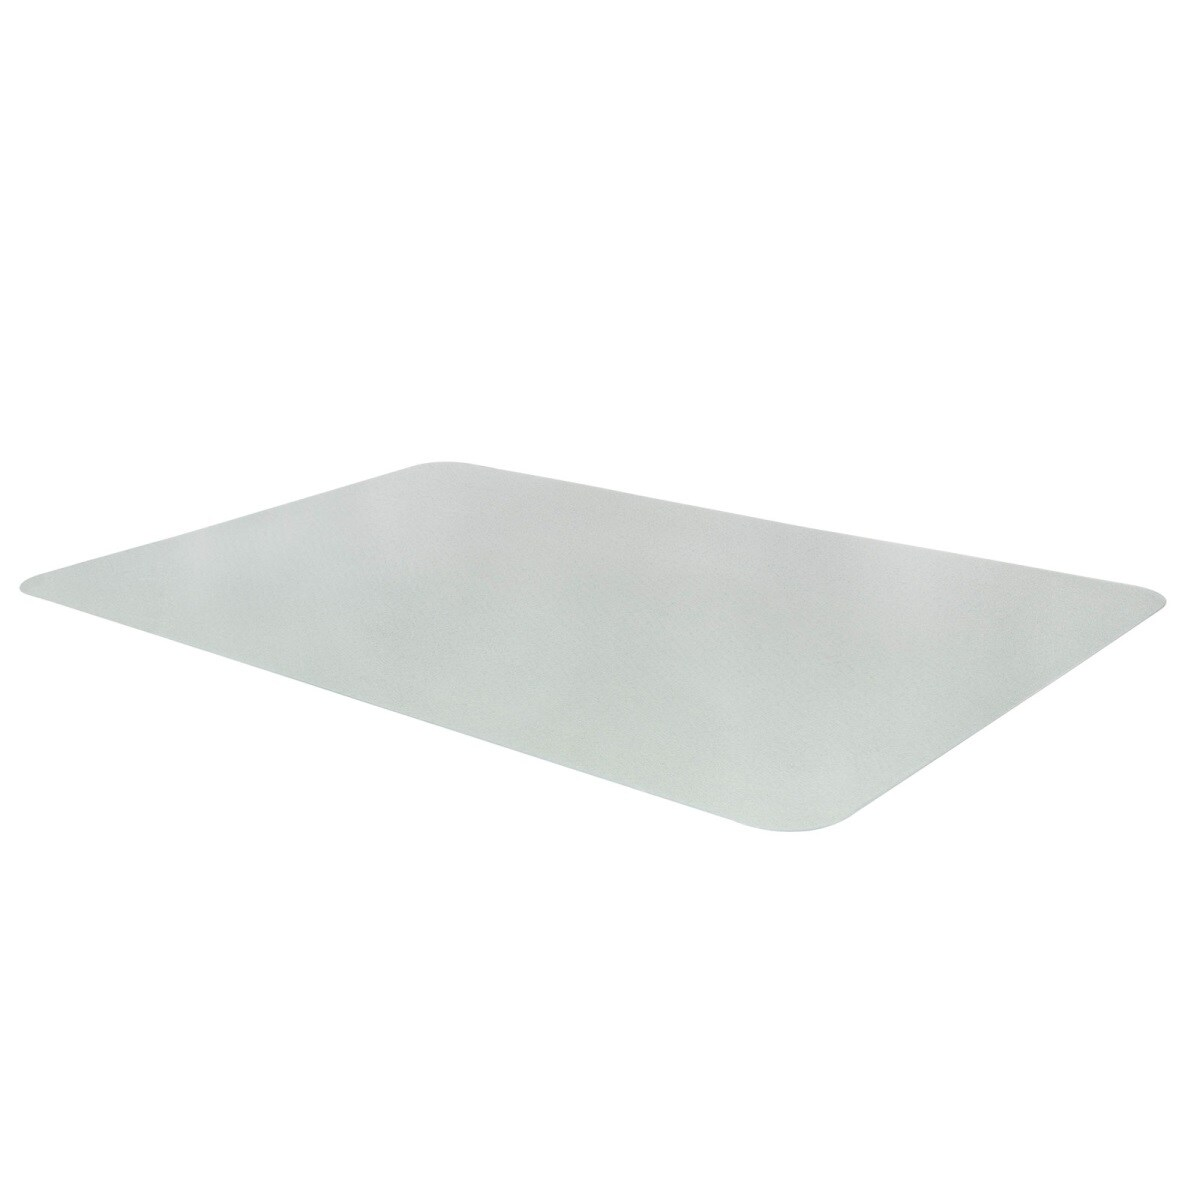 Bodenschutzmatte pet transparent ca 90 x 120 cm porta for Wohnzimmertisch 90 x 120